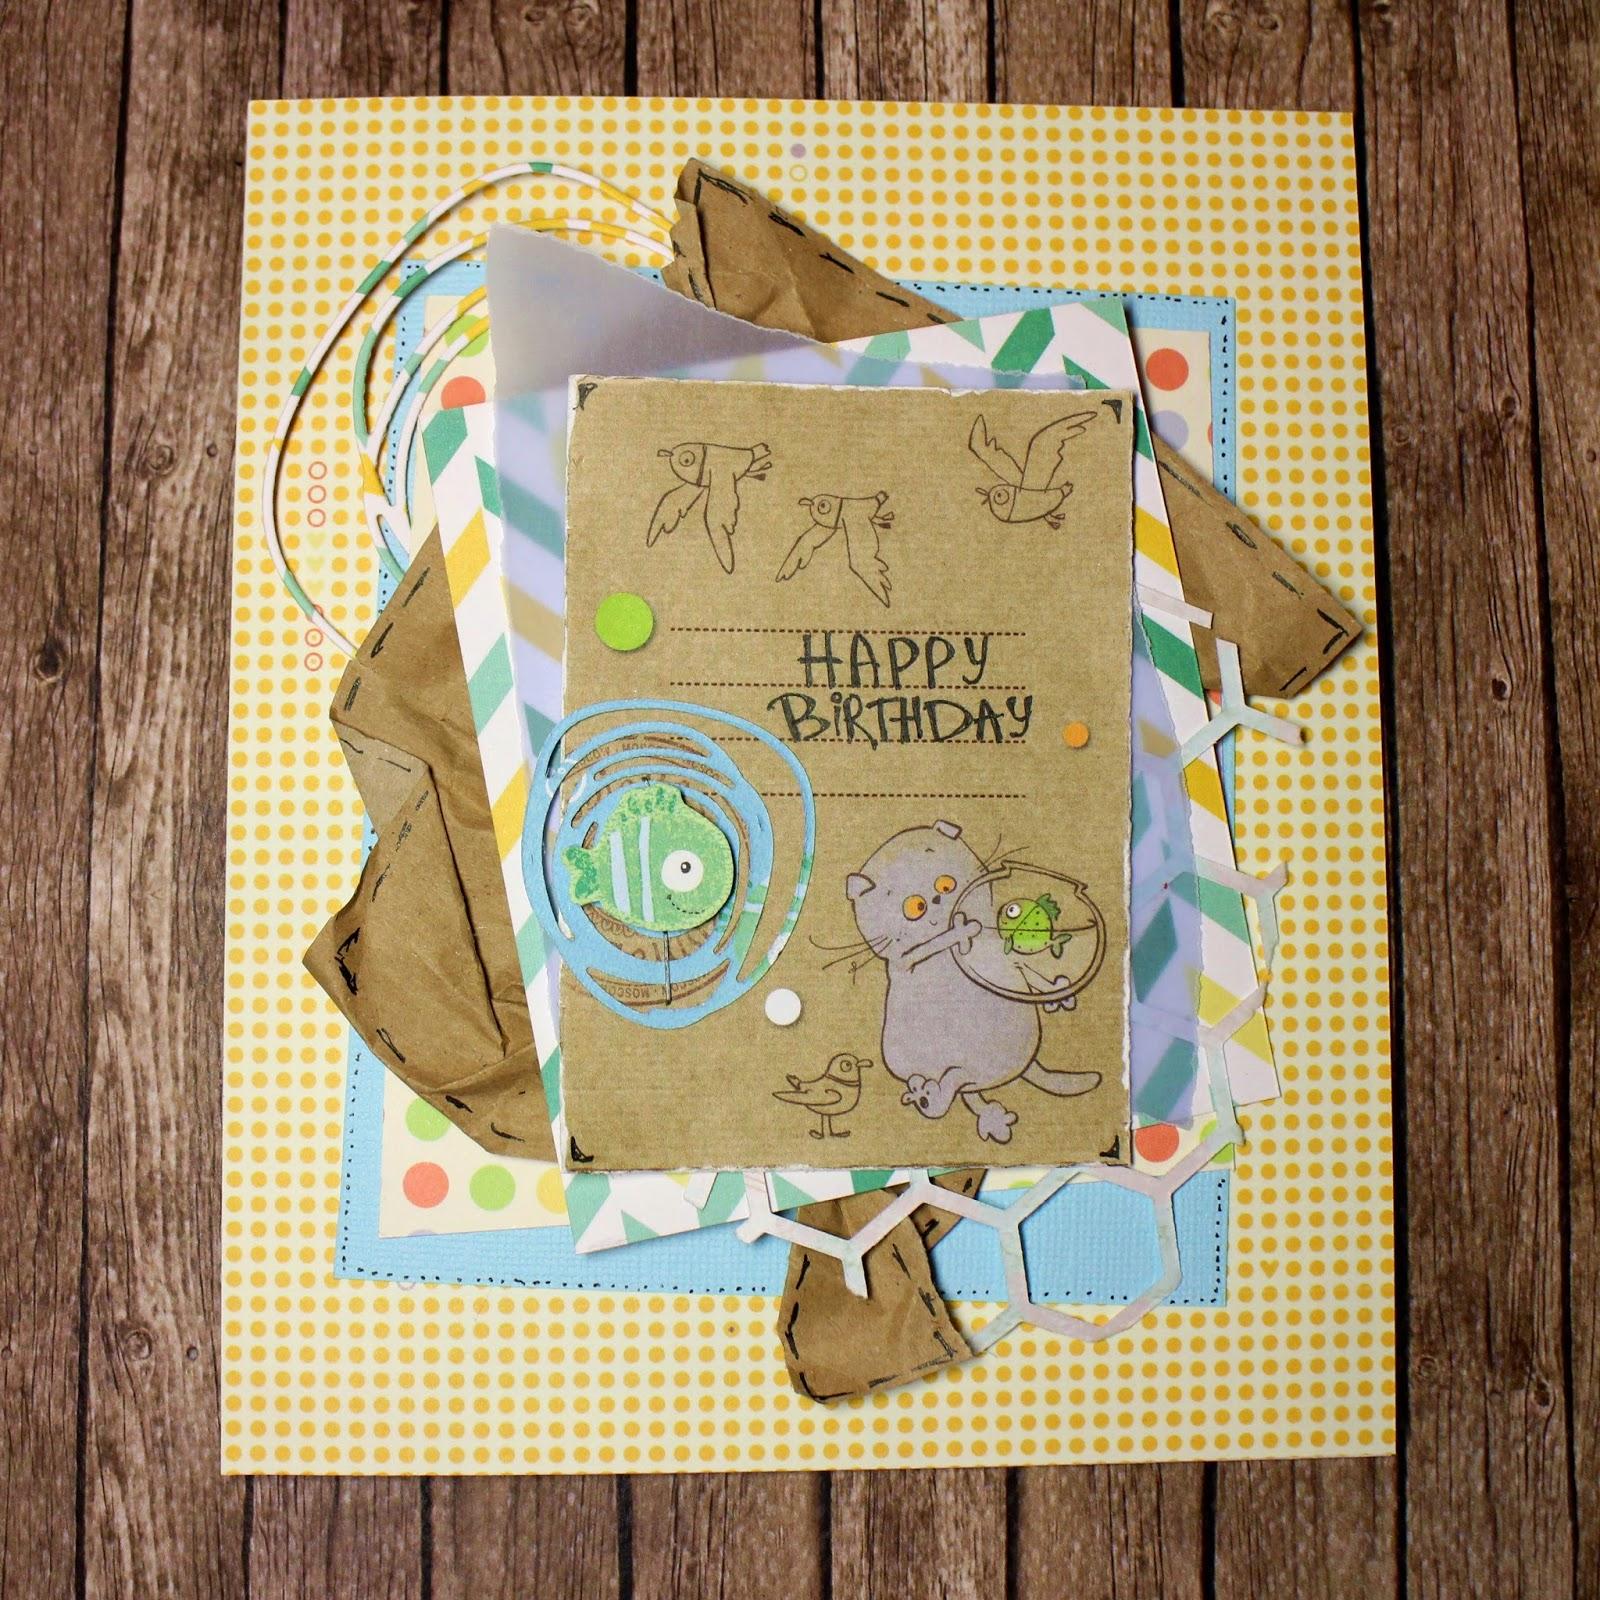 Детская открытка в американском стиле на день рождения скрапбукинг Басик scrapbooking birthday card in american style handmade by hamster-sensey